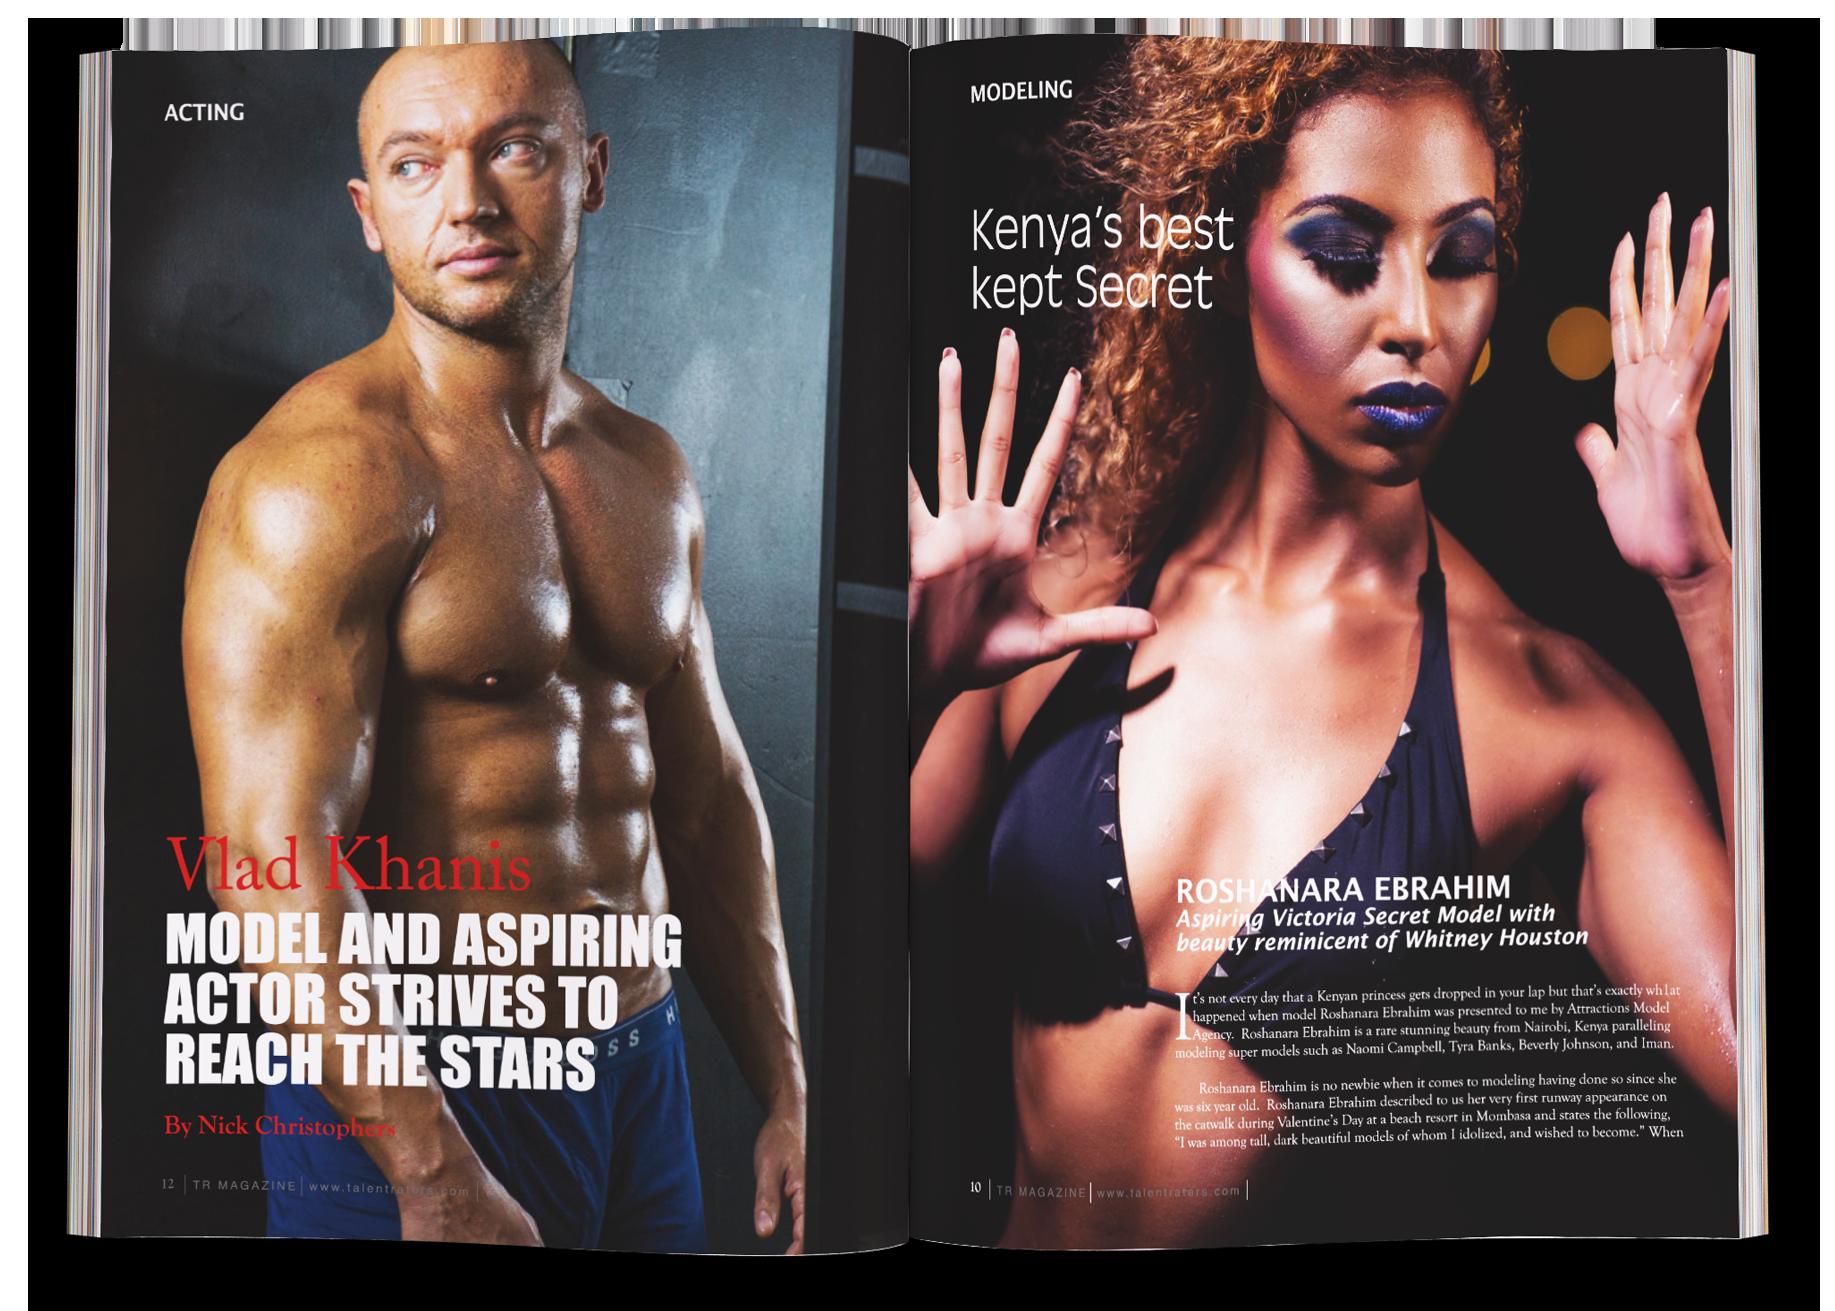 Magazine Example